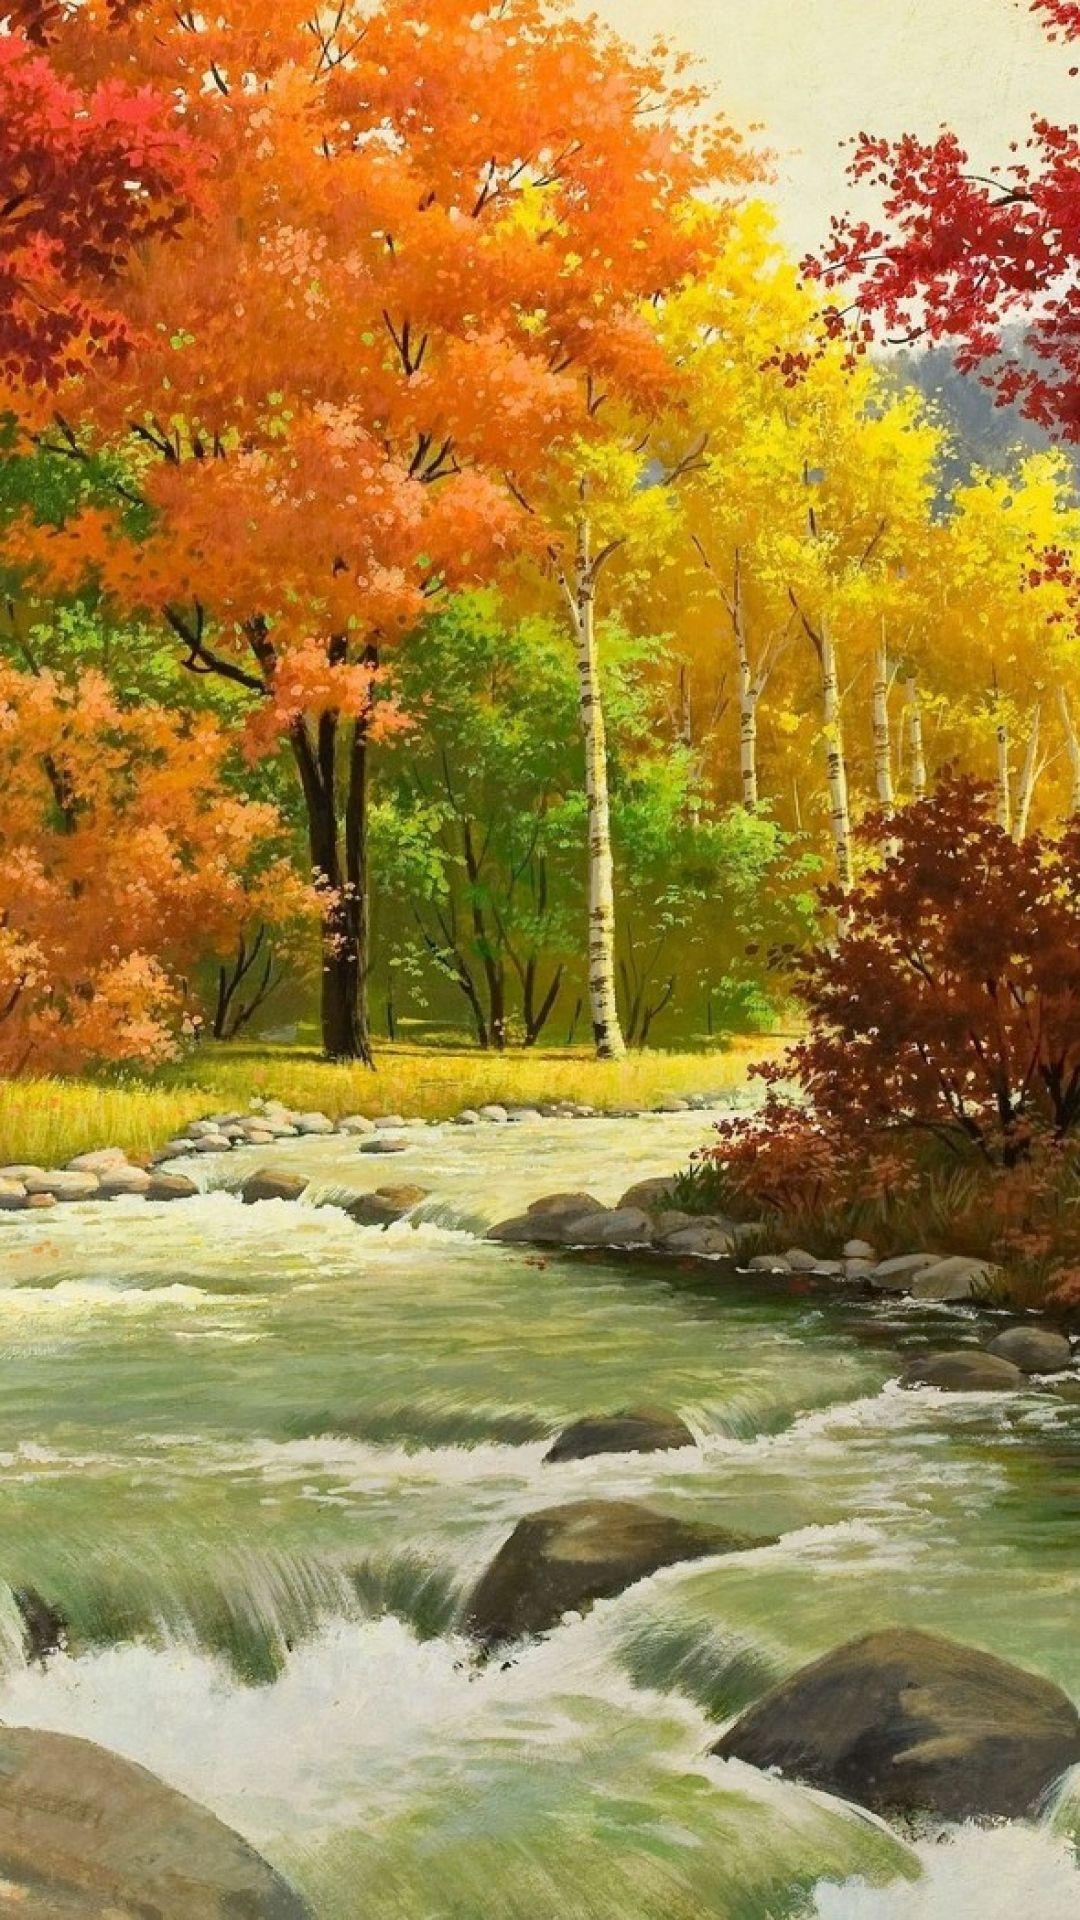 Download Wallpaper 1080x1920 Autumn, Landscape, Painting